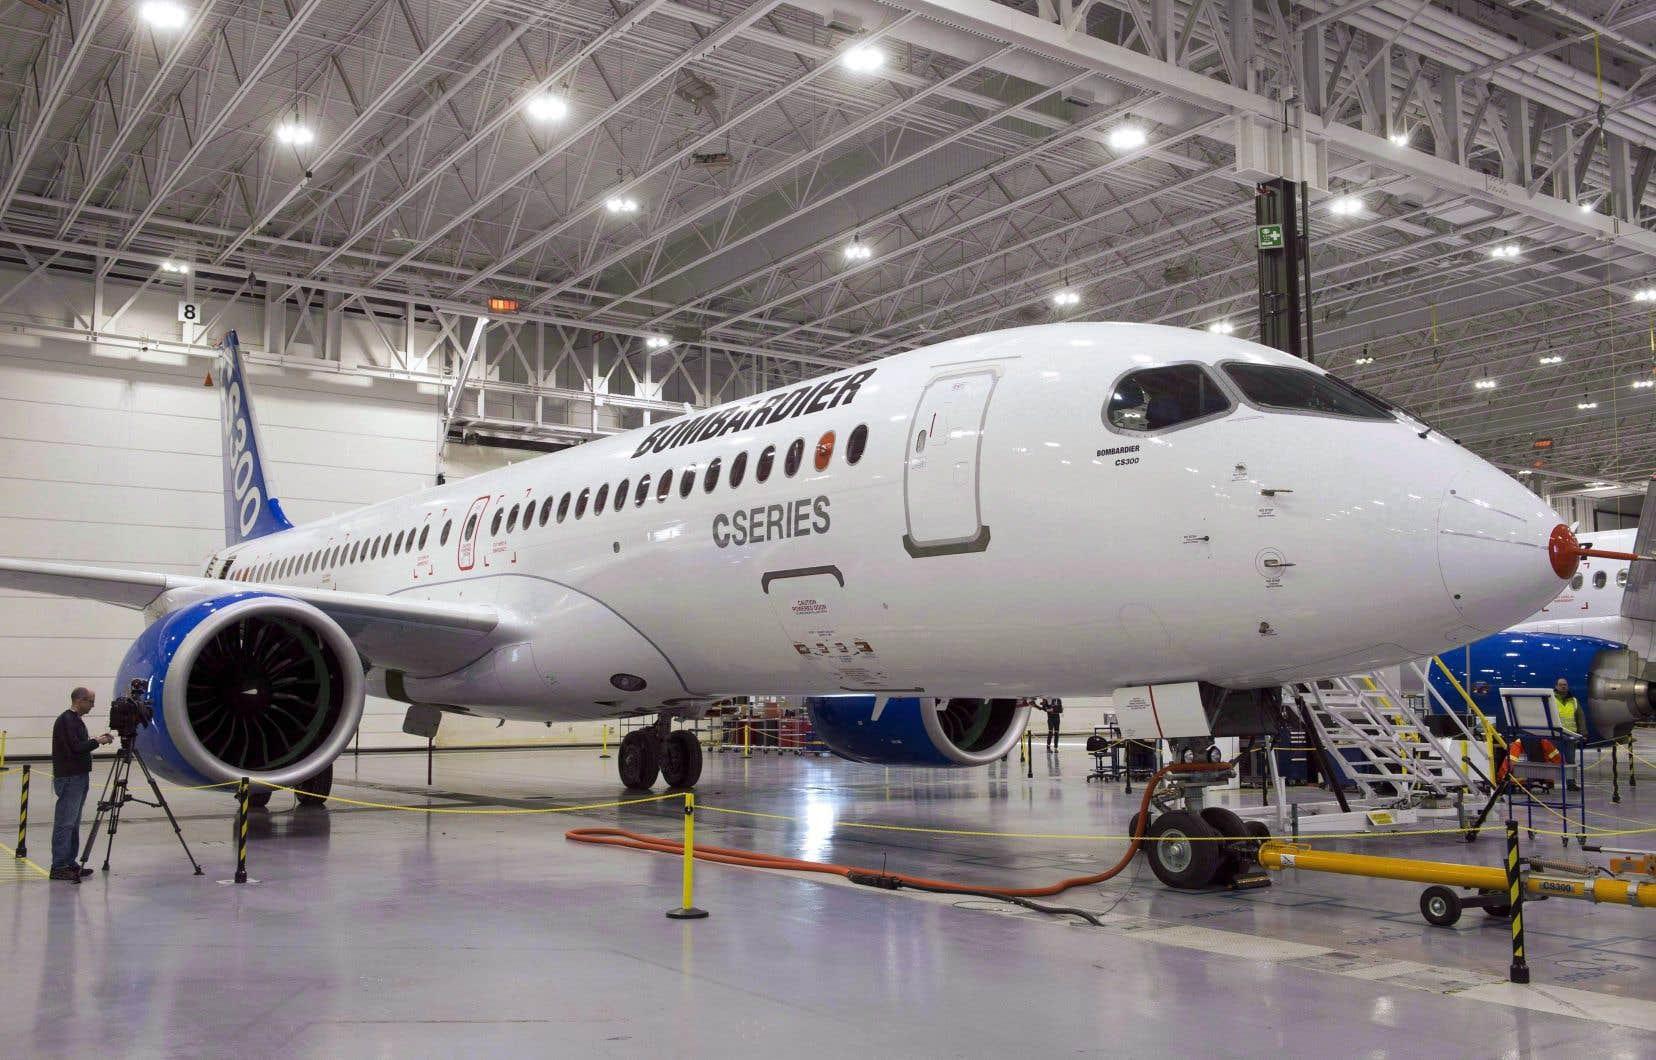 <p>Bombardier Aviation prévoit une baisse des livraisons d'avions d'affaires dans l'ensemble de l'industrie d'environ 30% sur 12 mois en raison de la pandémie.</p>